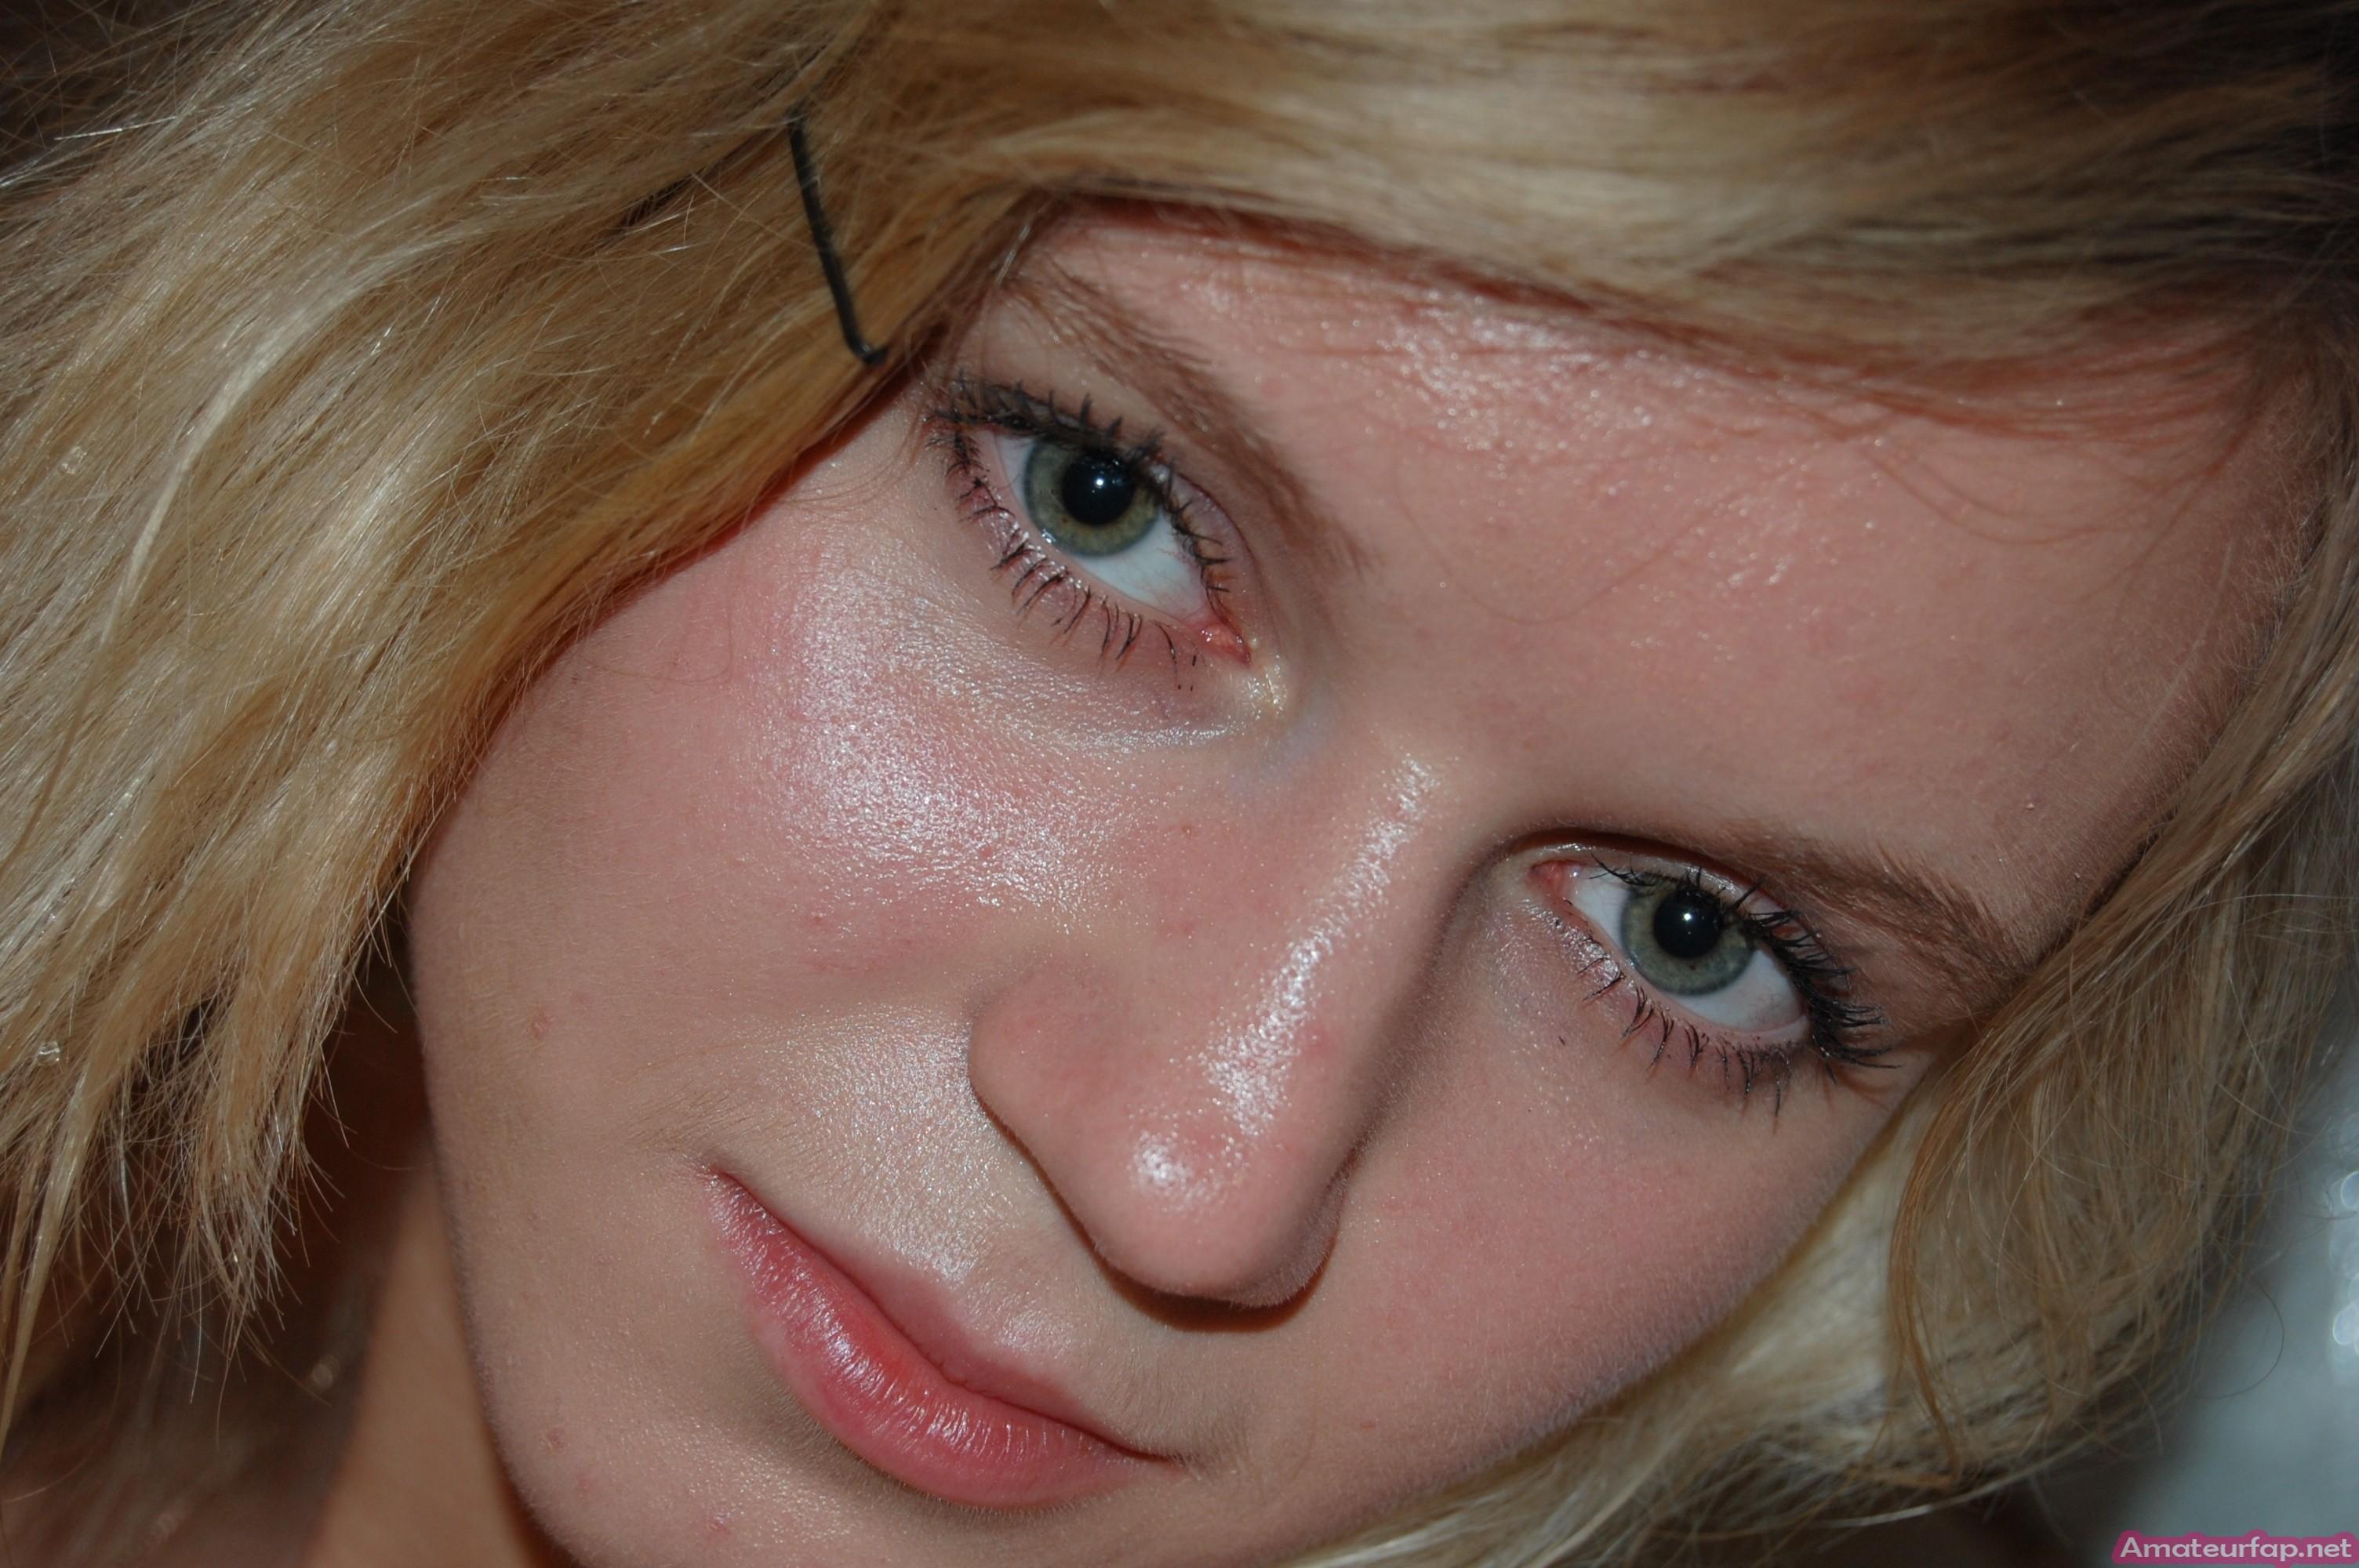 Голая блондинка с красивыми сиськами делает фото в ванной